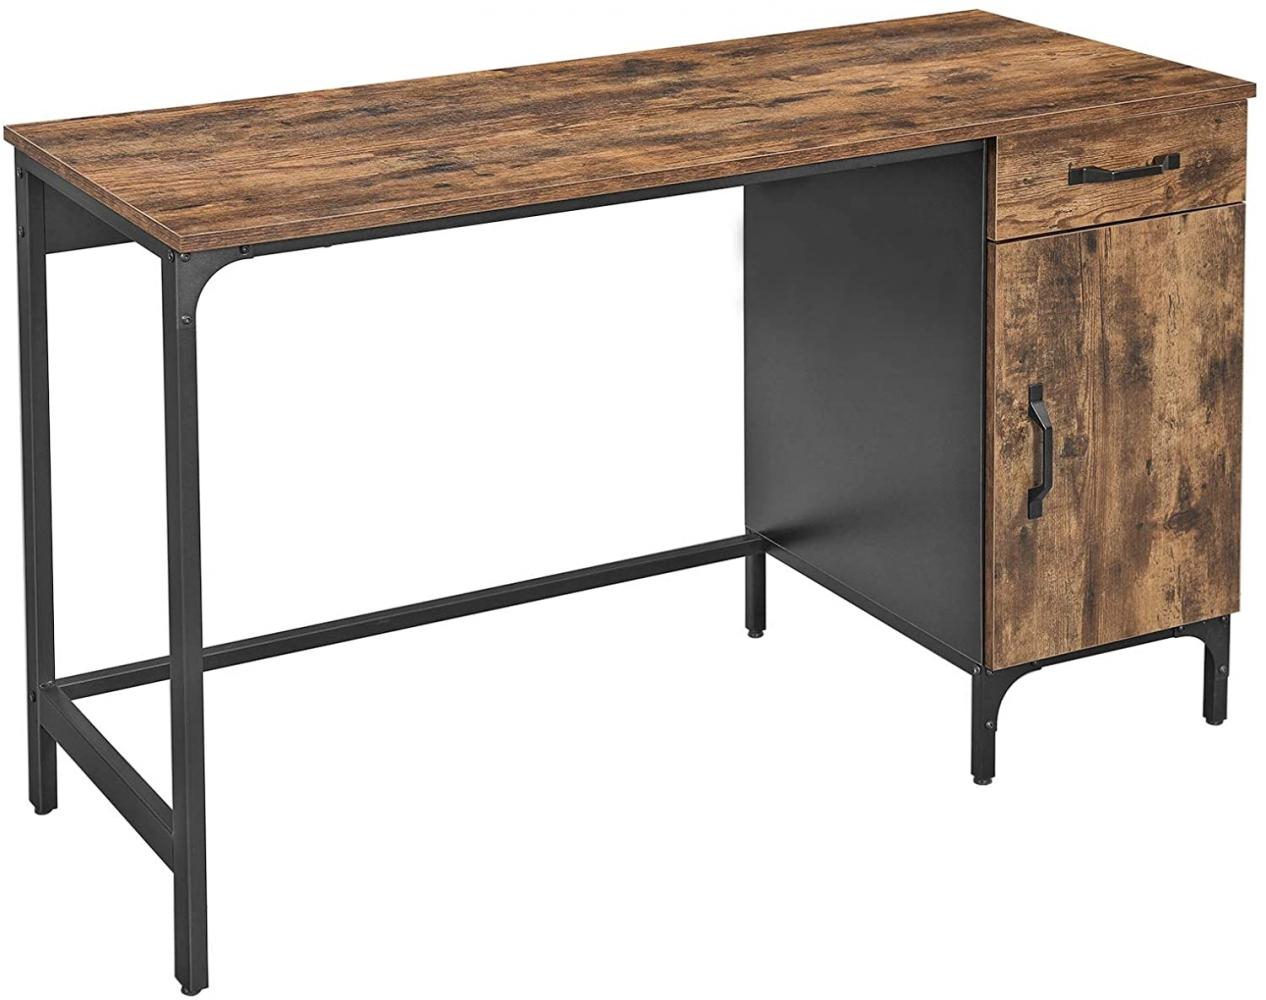 Kancelářský stůl Stella, 130 cm, hnědá / černá